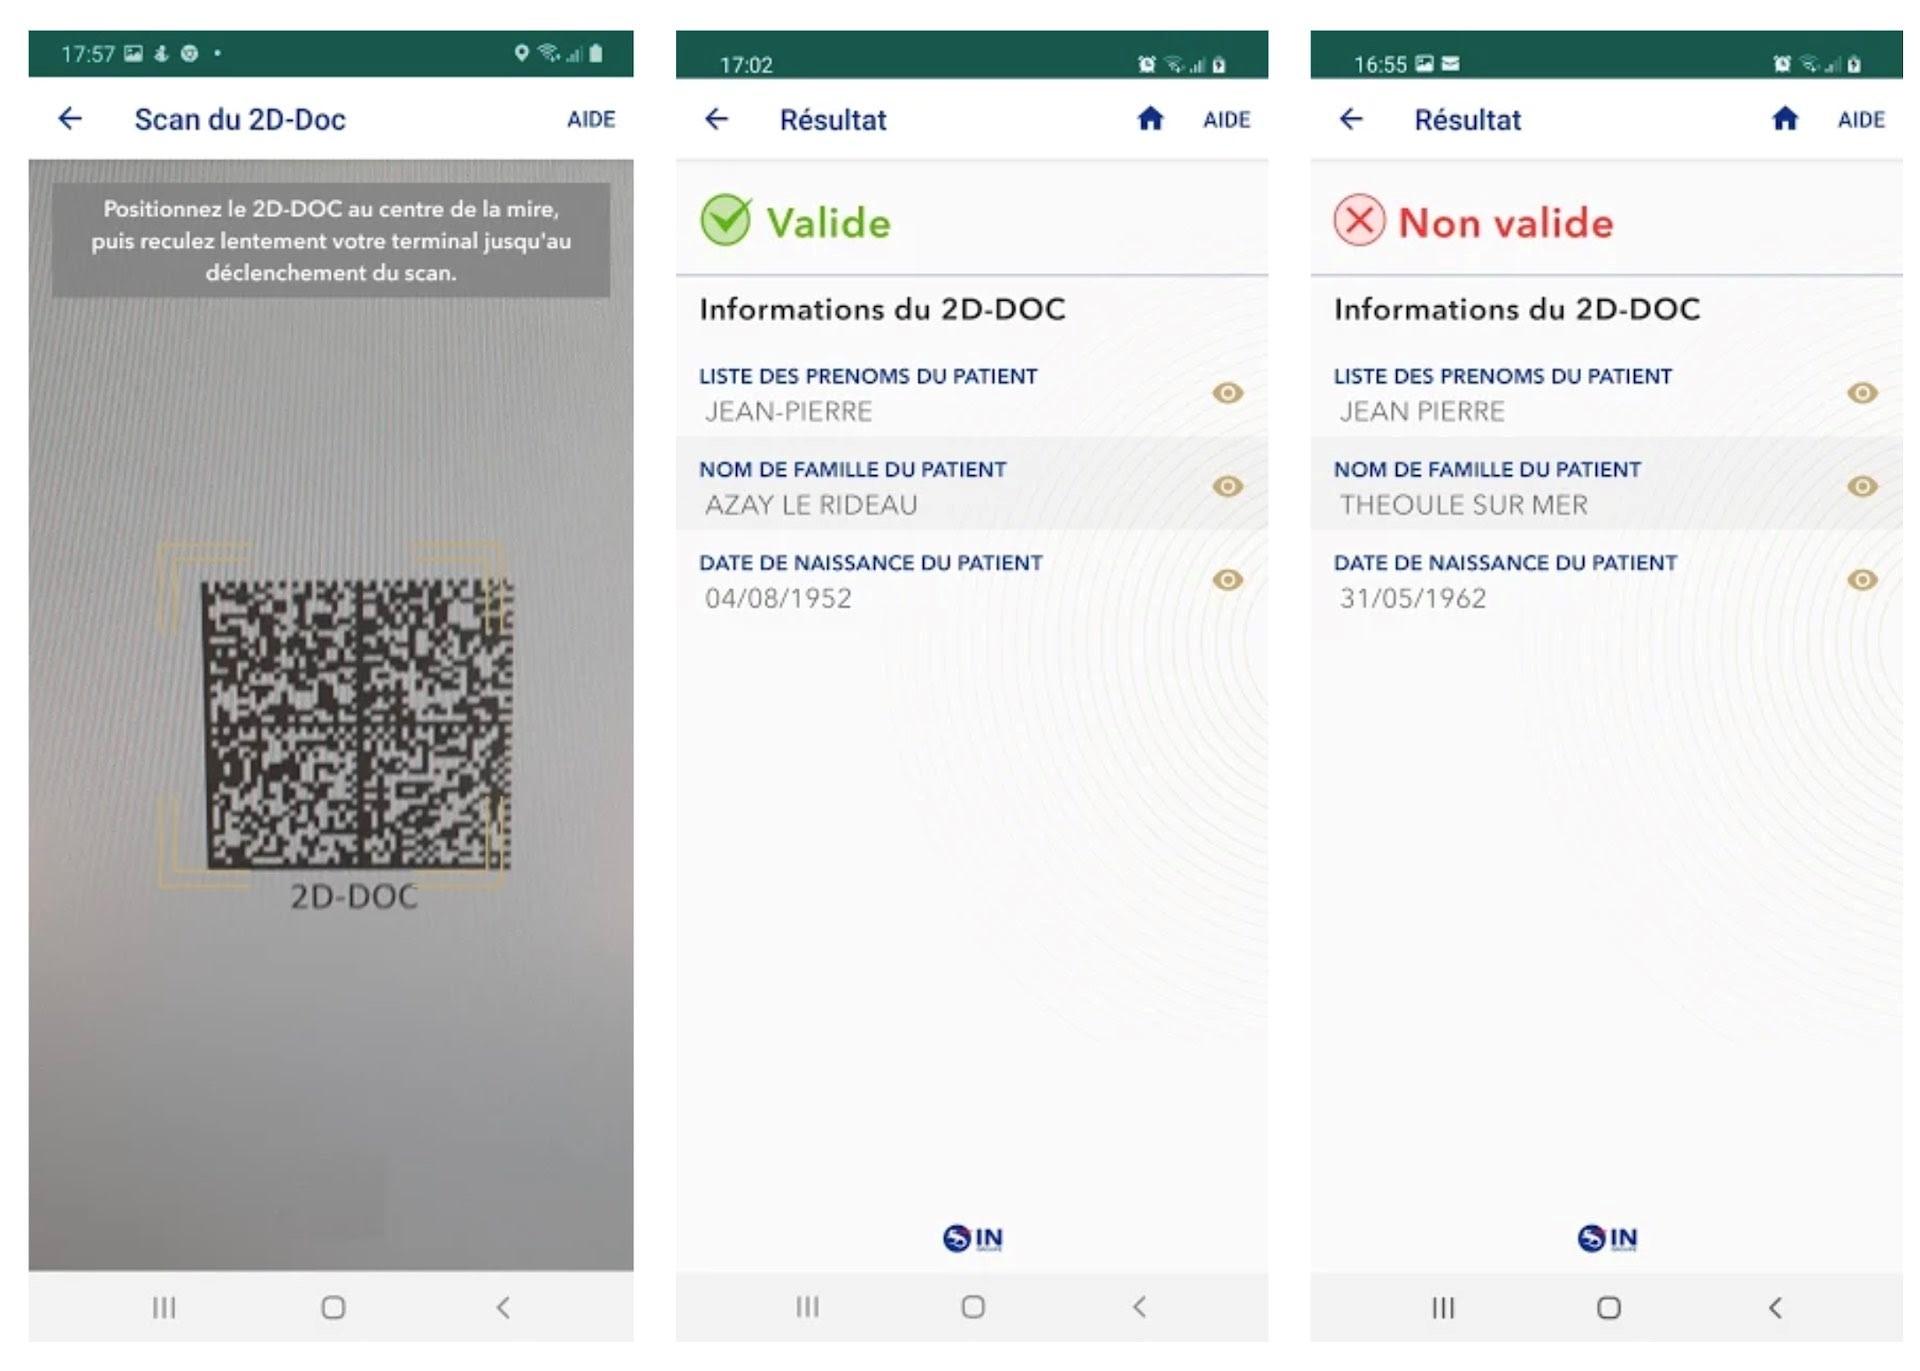 Controle du pass sanitaire par l'employeur avec l'application TousAntiCovid Verif.